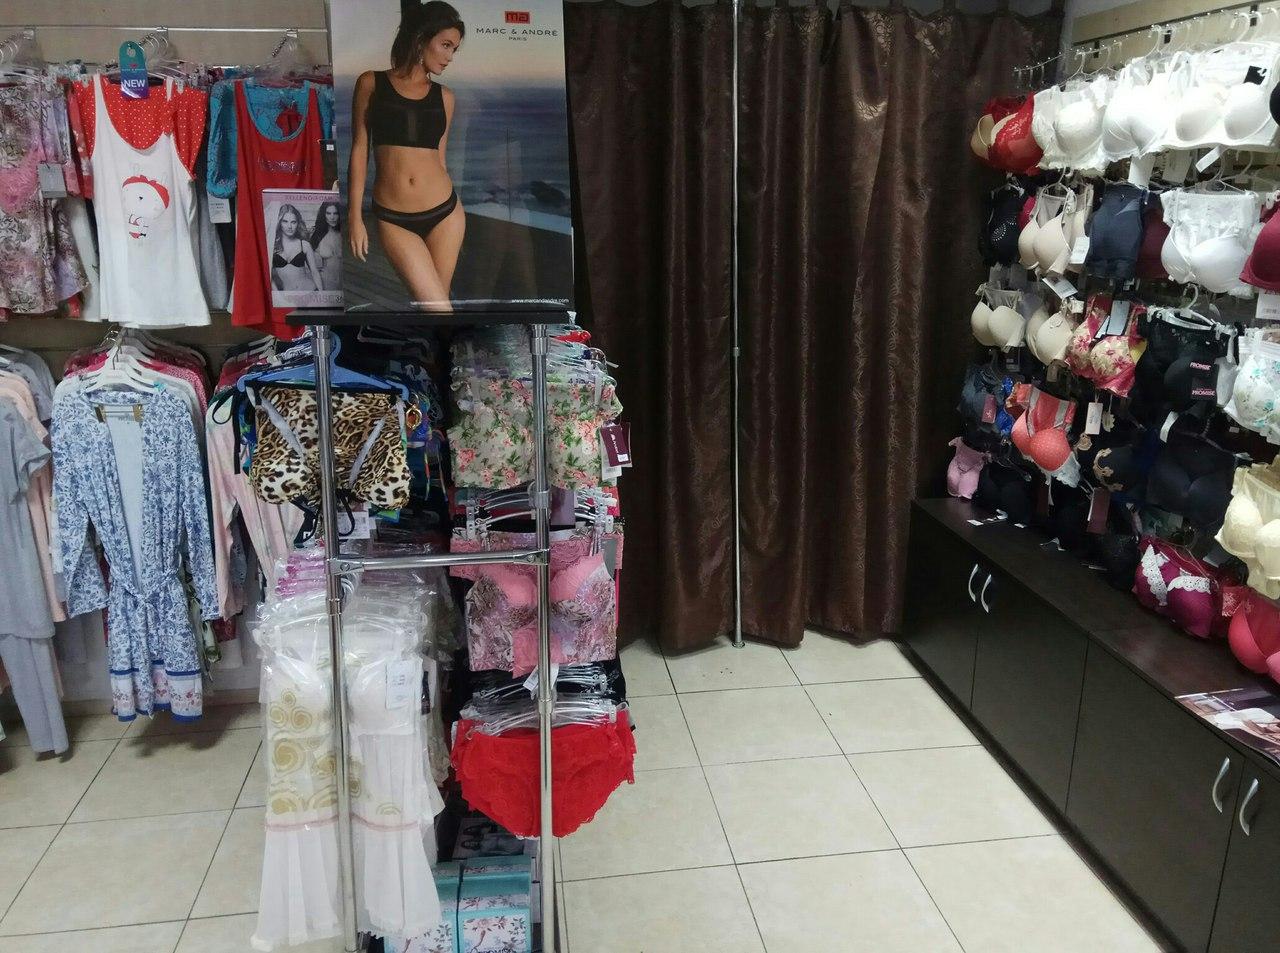 5e113f6598fc Мы решили создать интернет магазин для того, чтобы Вы смогли удобно, без  лишних забот найти и заказать нижнее белье и купальники, которые будут  отлично ...